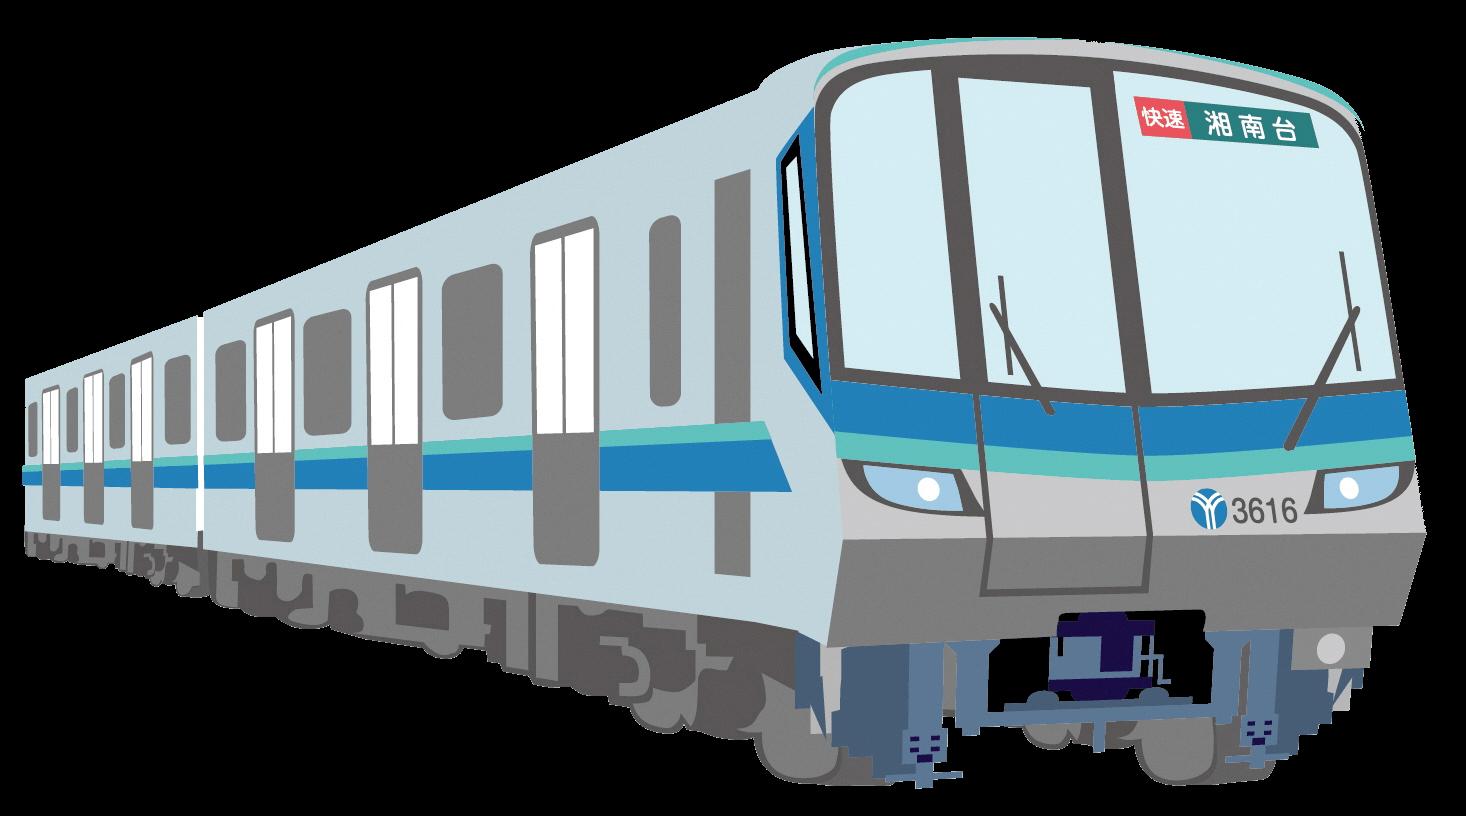 画像:横浜市営地下鉄